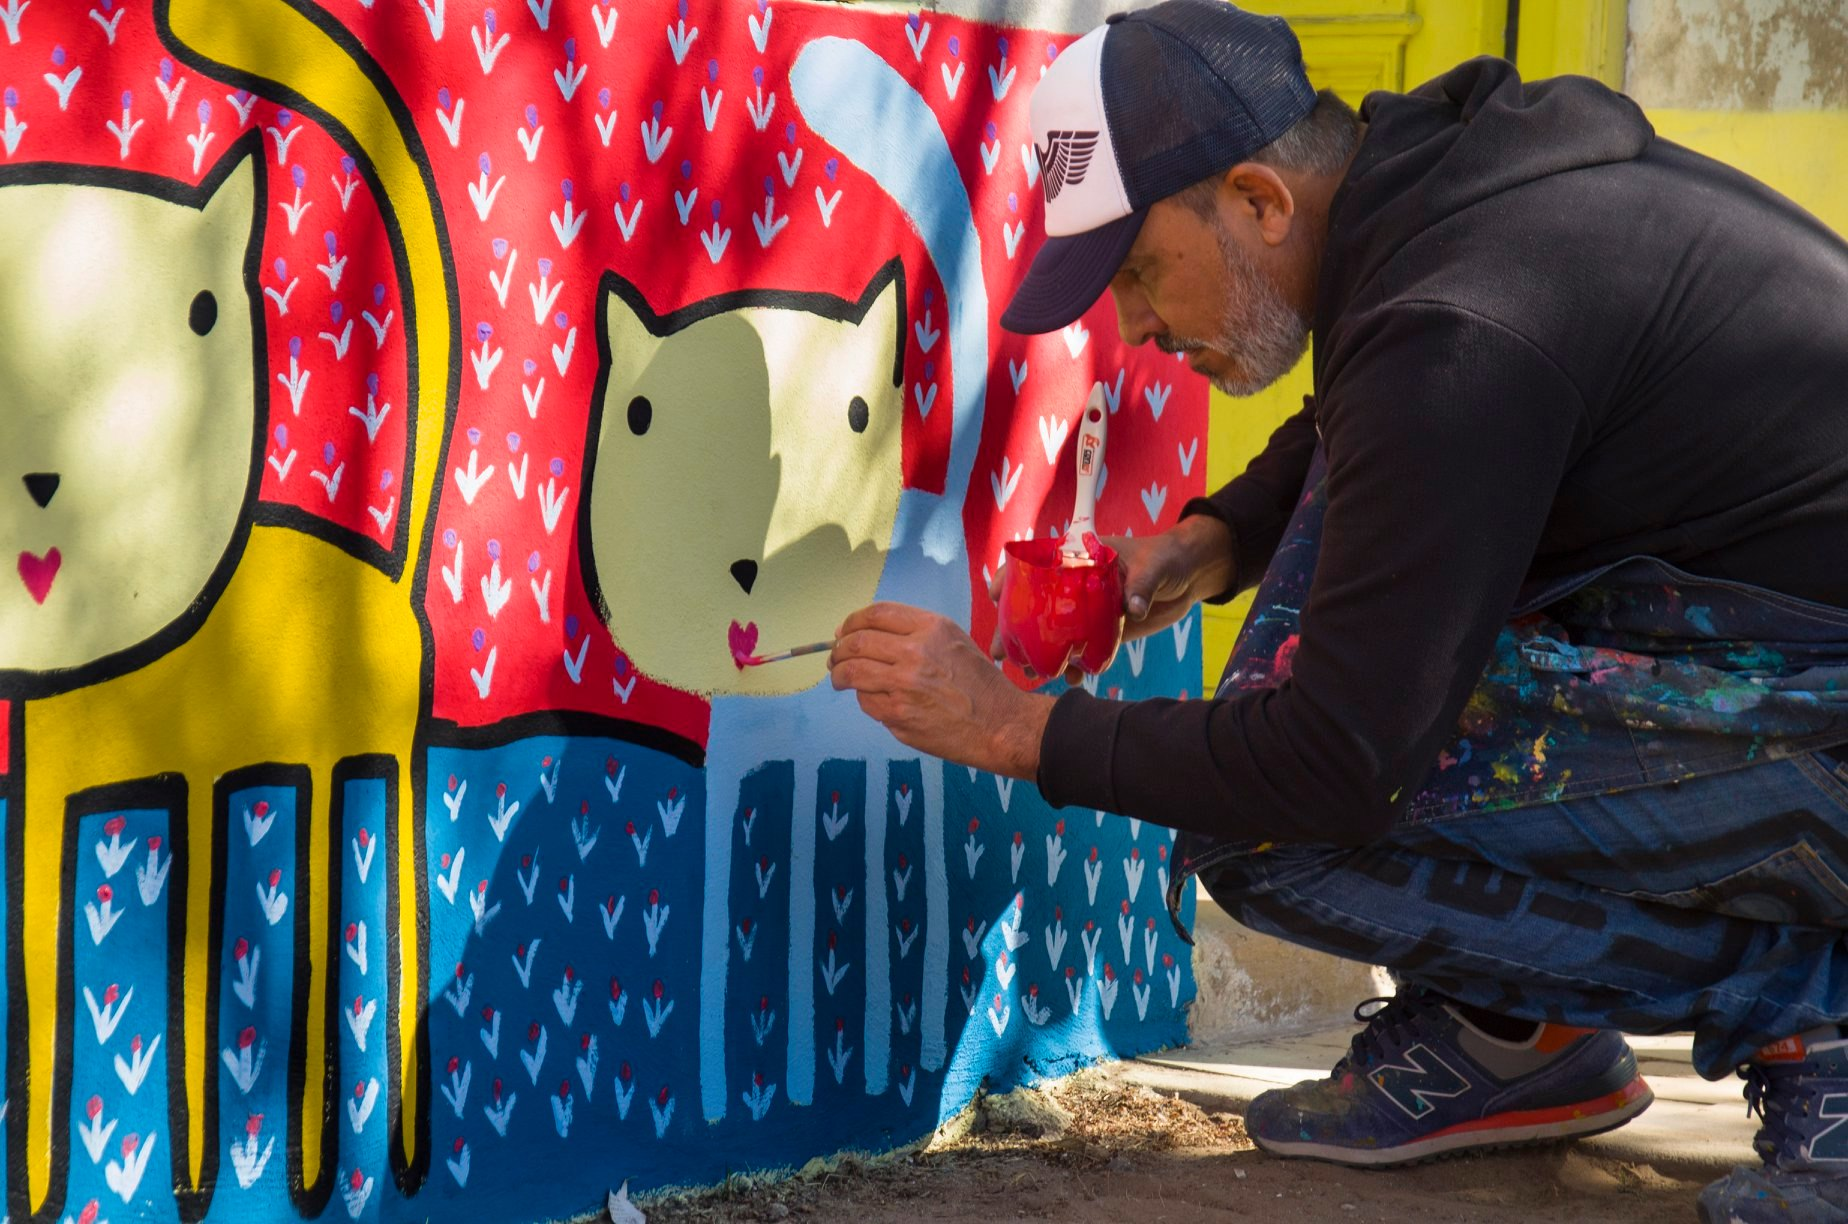 El artista plástico Mario Lange pintará la fachada del ex comedor municipal en General Pico